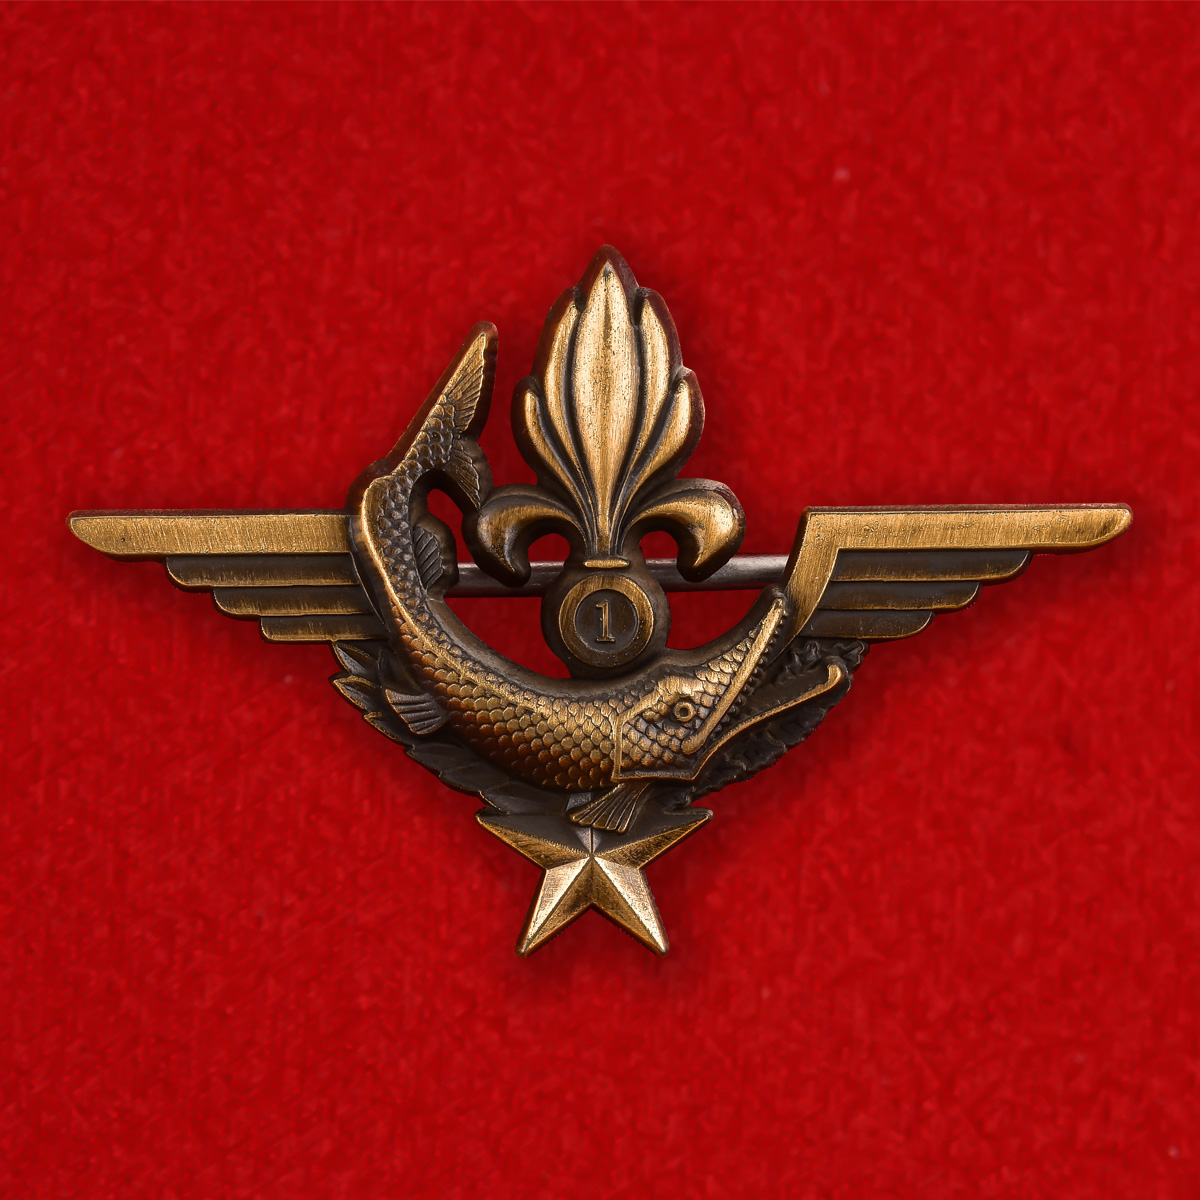 Эмблема боевых пловцов DINOPS (PCG) 1 REG Иностранного Легиона